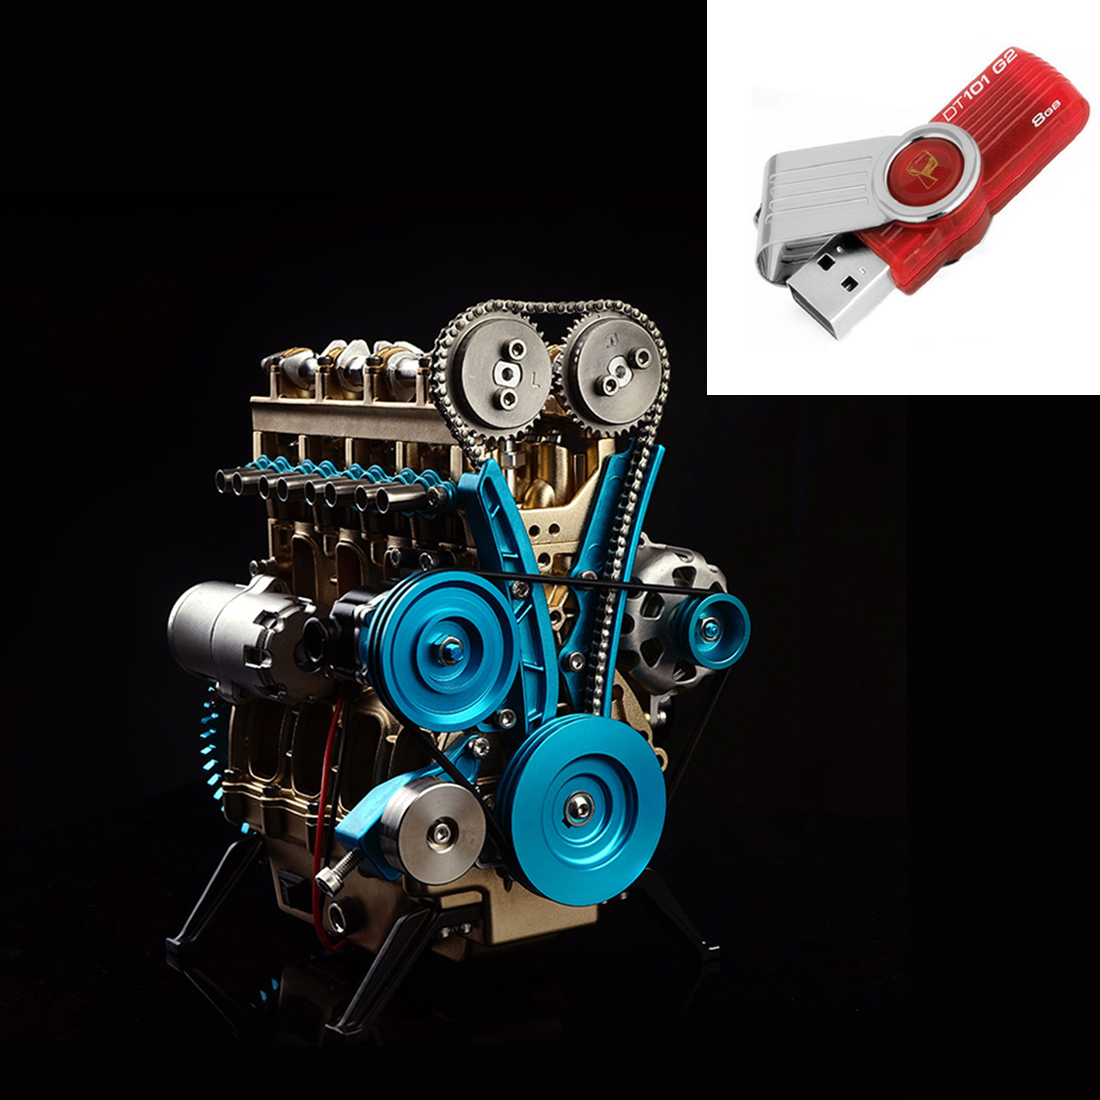 Высоко рекомендуемый полностью металлический автомобиль мини сборный встроенный четырехцилиндровый двигатель модель игрушки для взрослых - Цвет: DIY SET